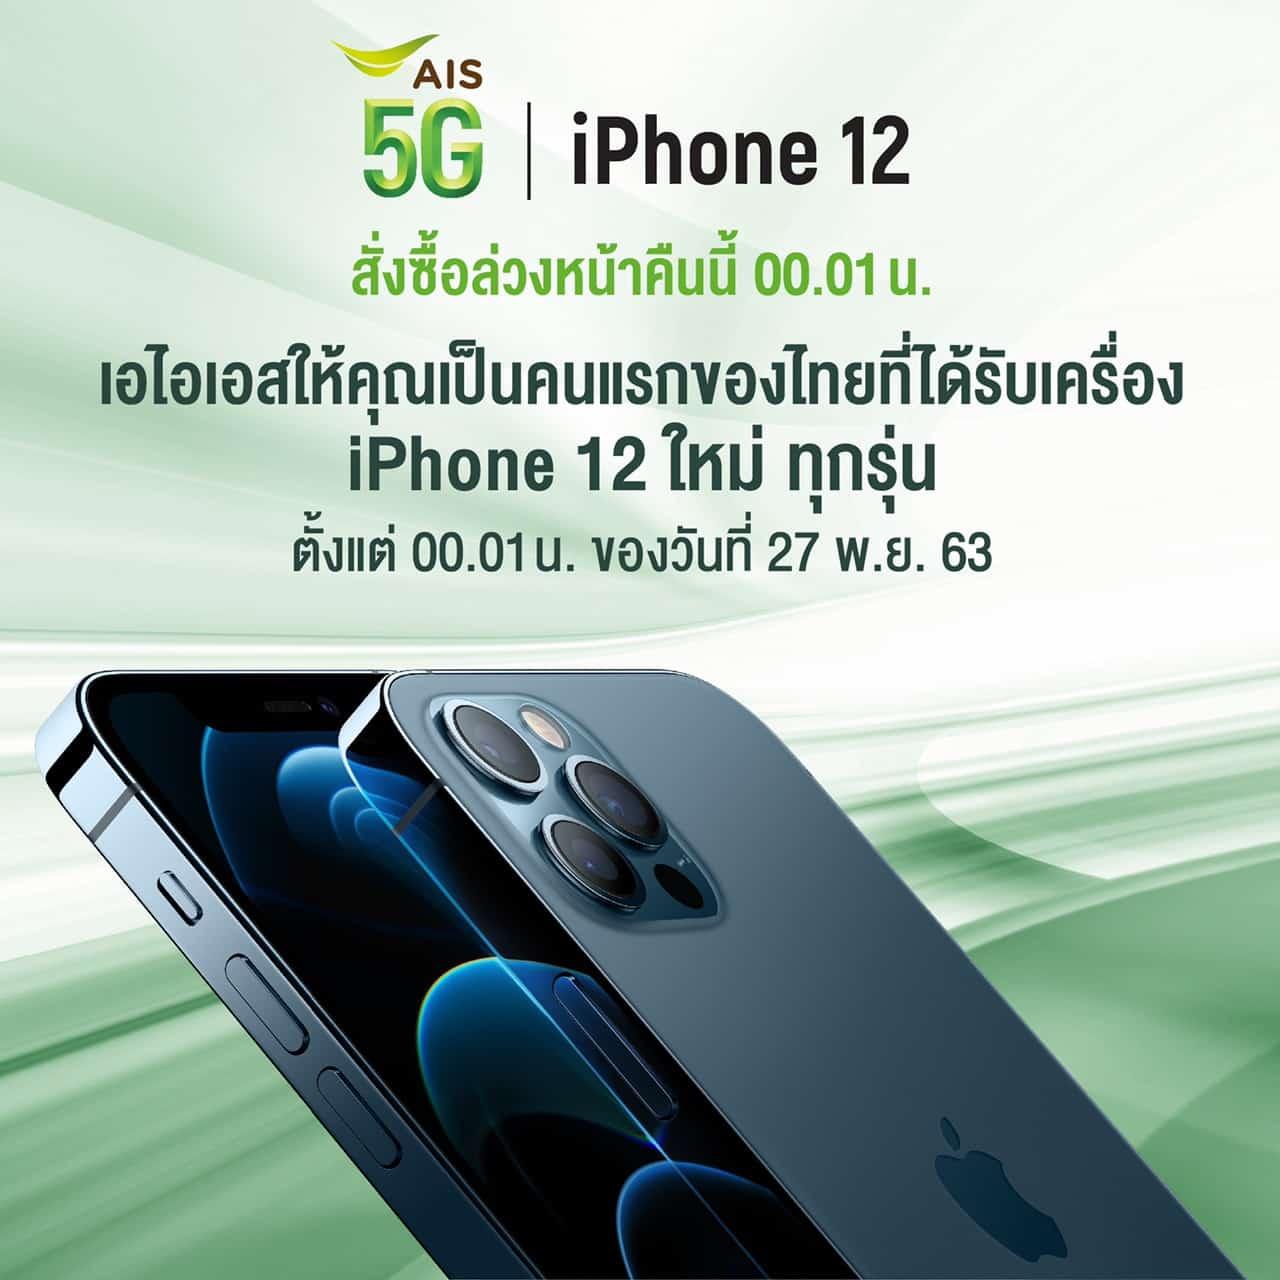 รูป 201119 Pic AIS 5G to Offer All iPhone 12 models with Orders Starting on November 20 ประกอบเนื้อหา iPhone AIS 5G เตรียมวางจำหน่าย iPhone 12 ทุกรุ่น โดยสามารถเริ่มสั่งซื้อได้ในวันที่ 20 พฤศจิกายน